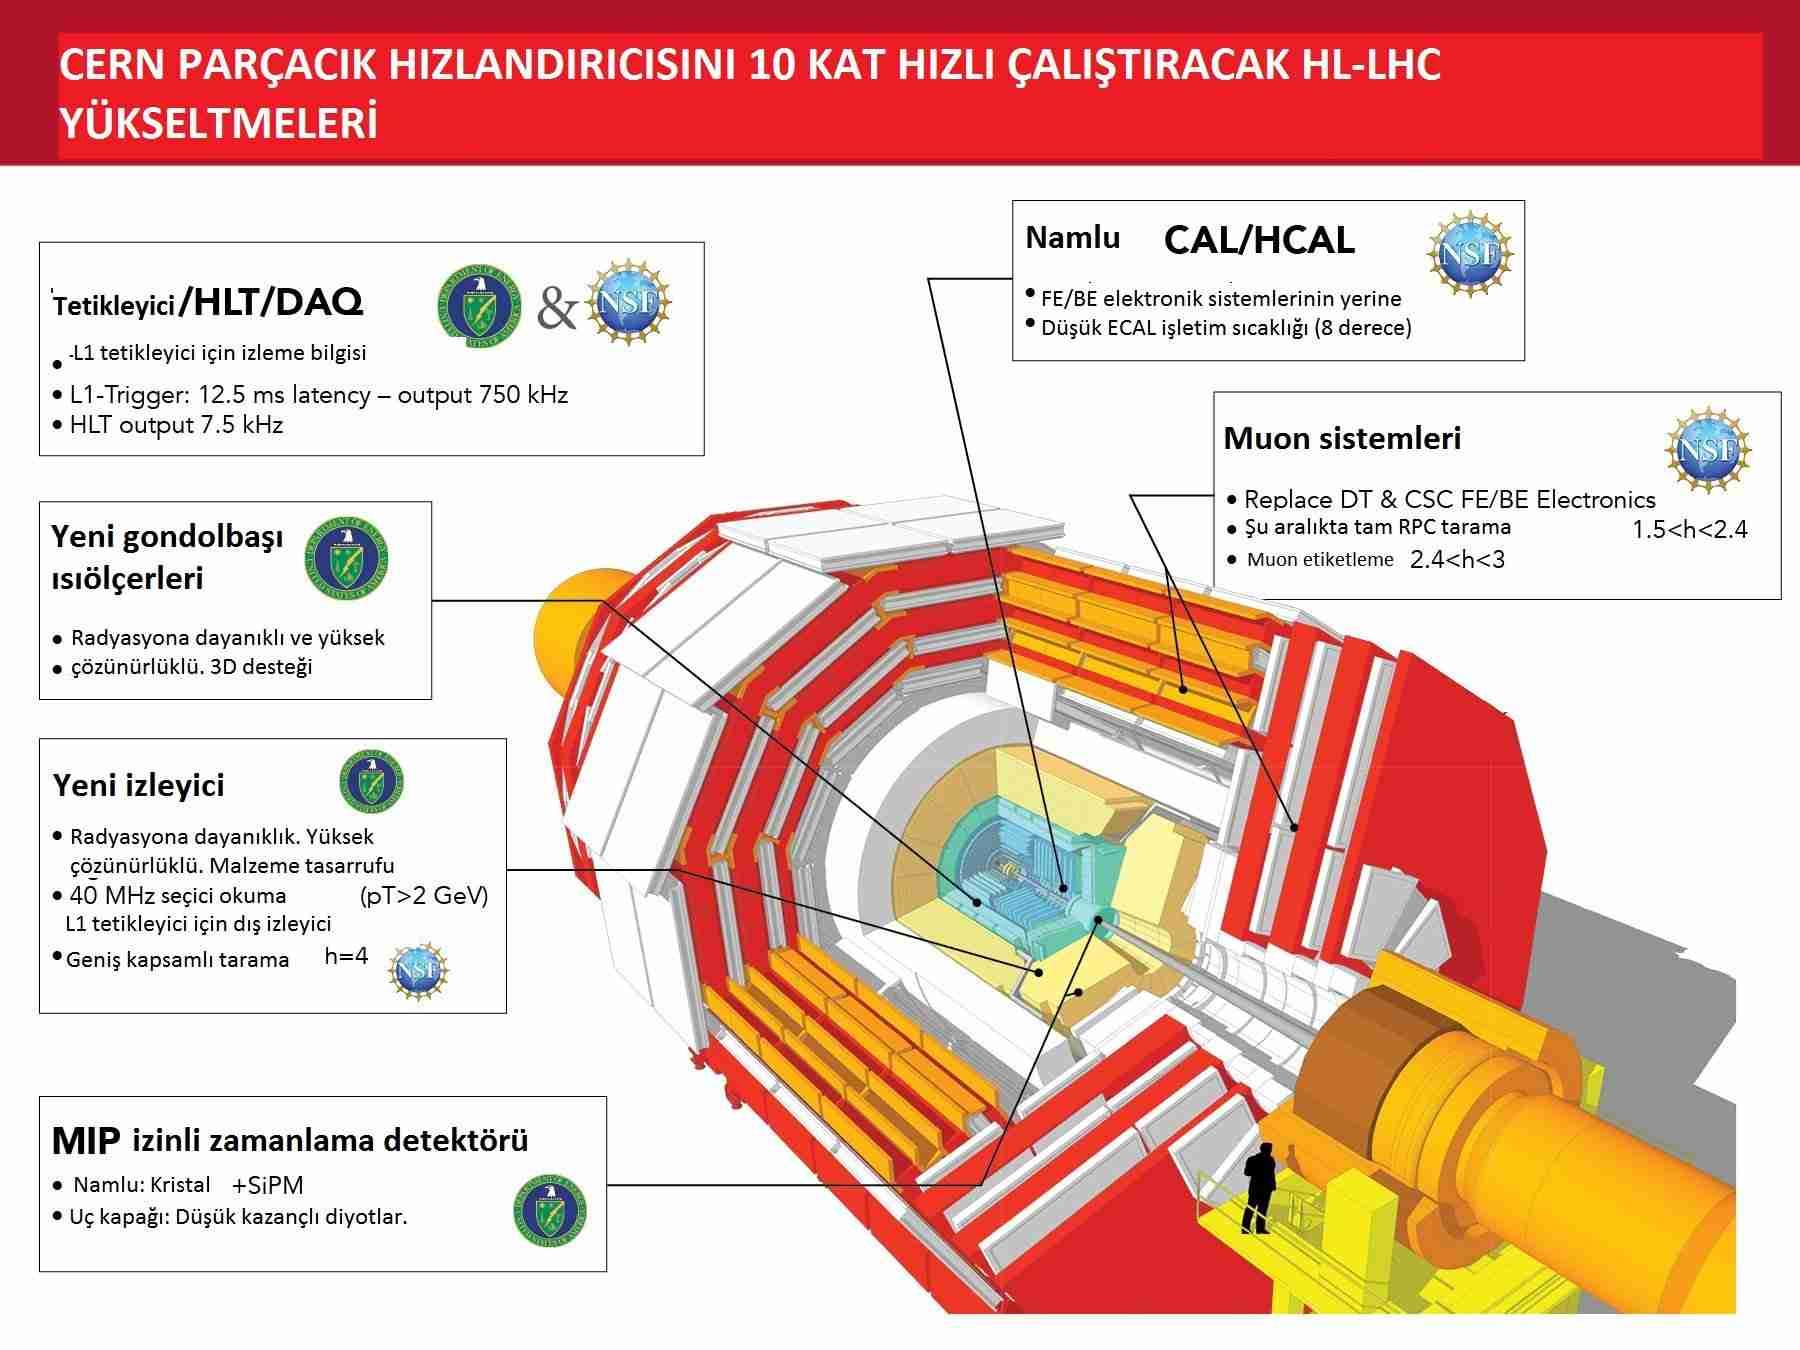 CERN-parçacık-hızlandırıcısı-10-kat-hızlı-çalışacak